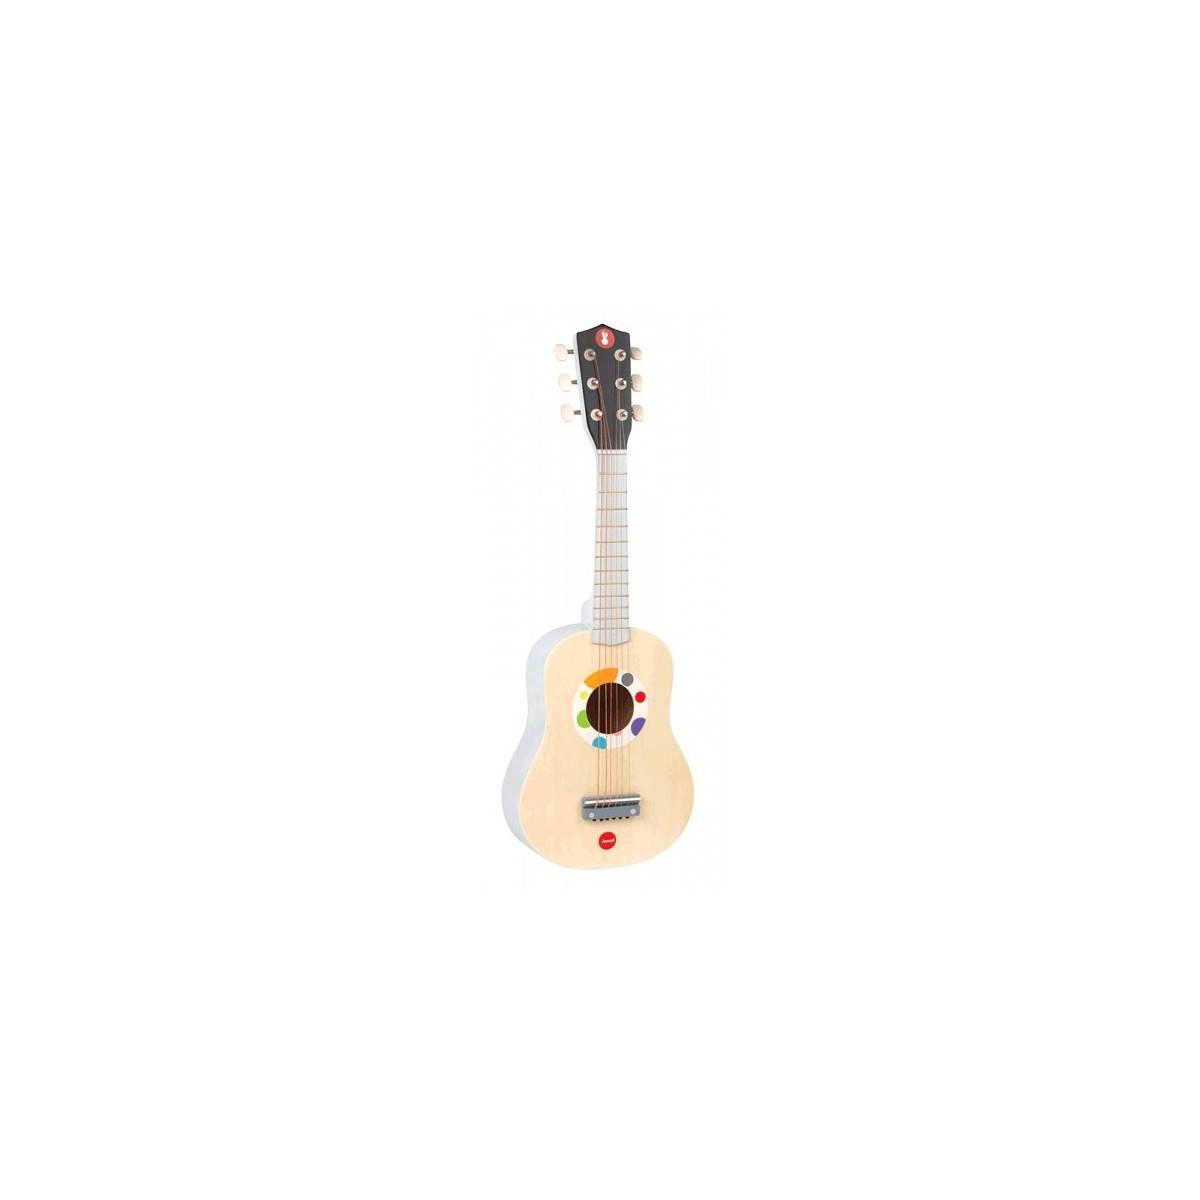 Guitare jouet Naturelle série Confetti